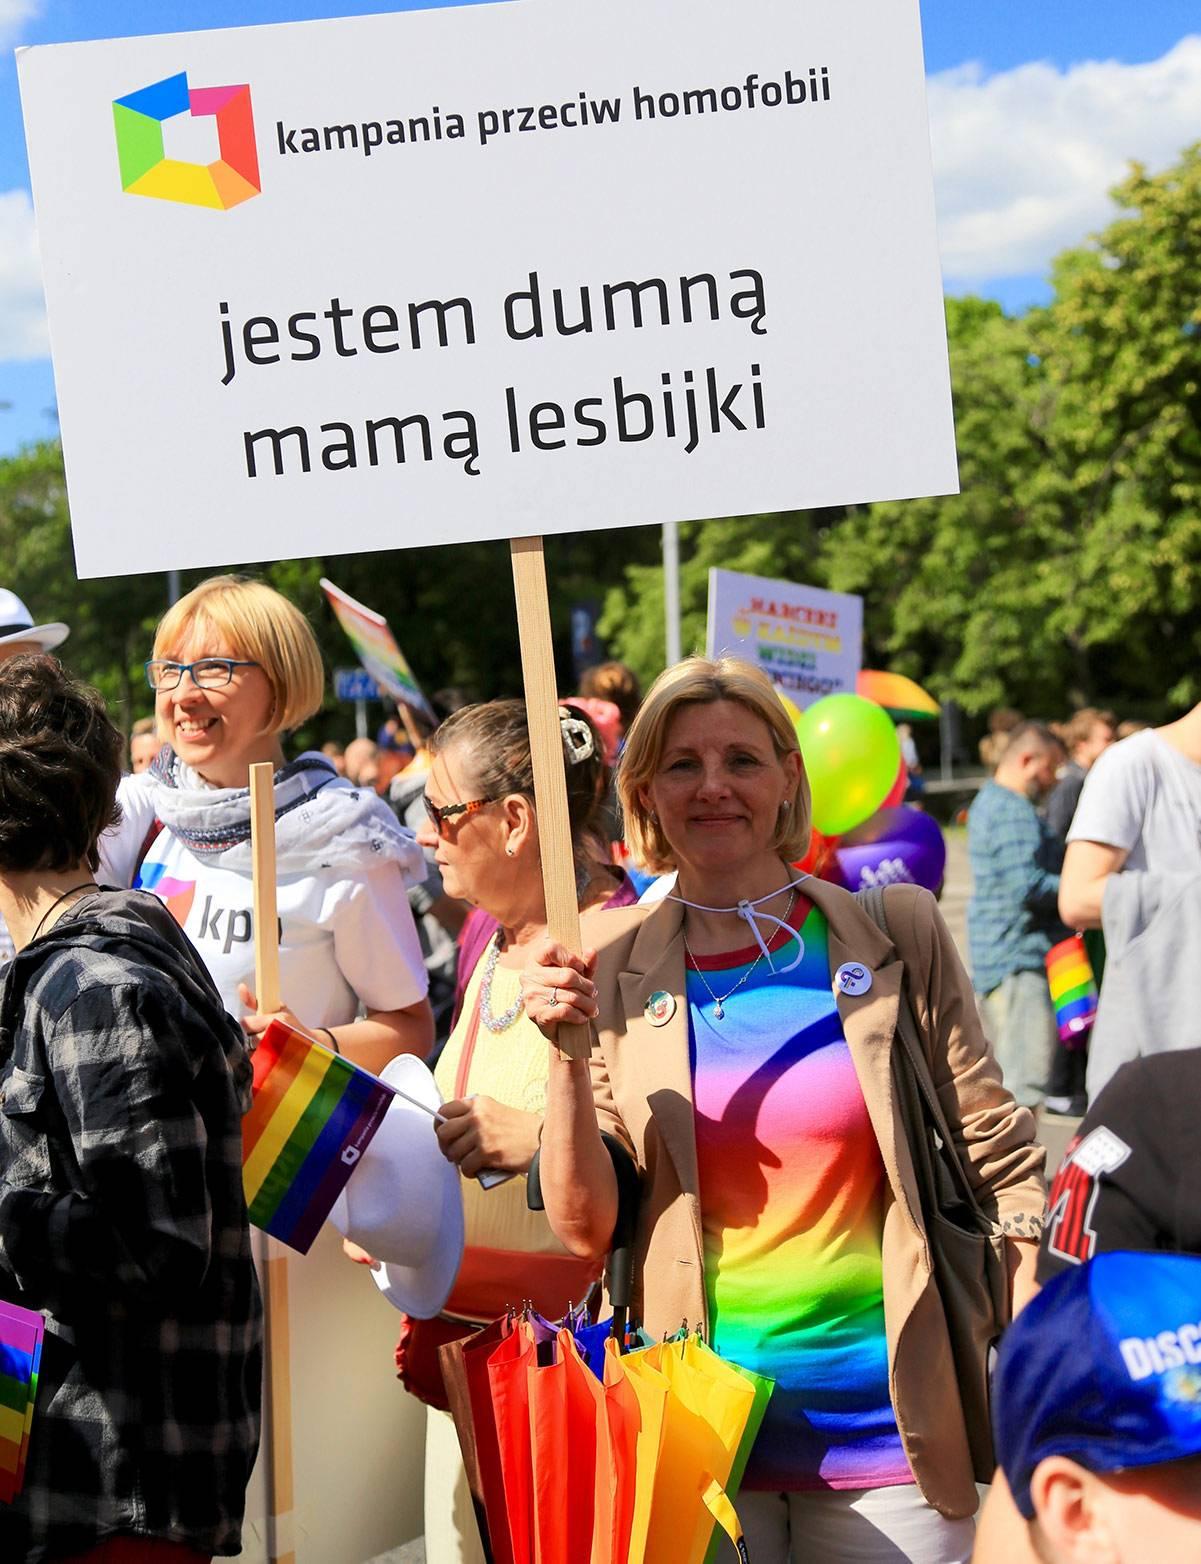 wolna mama lesbijki